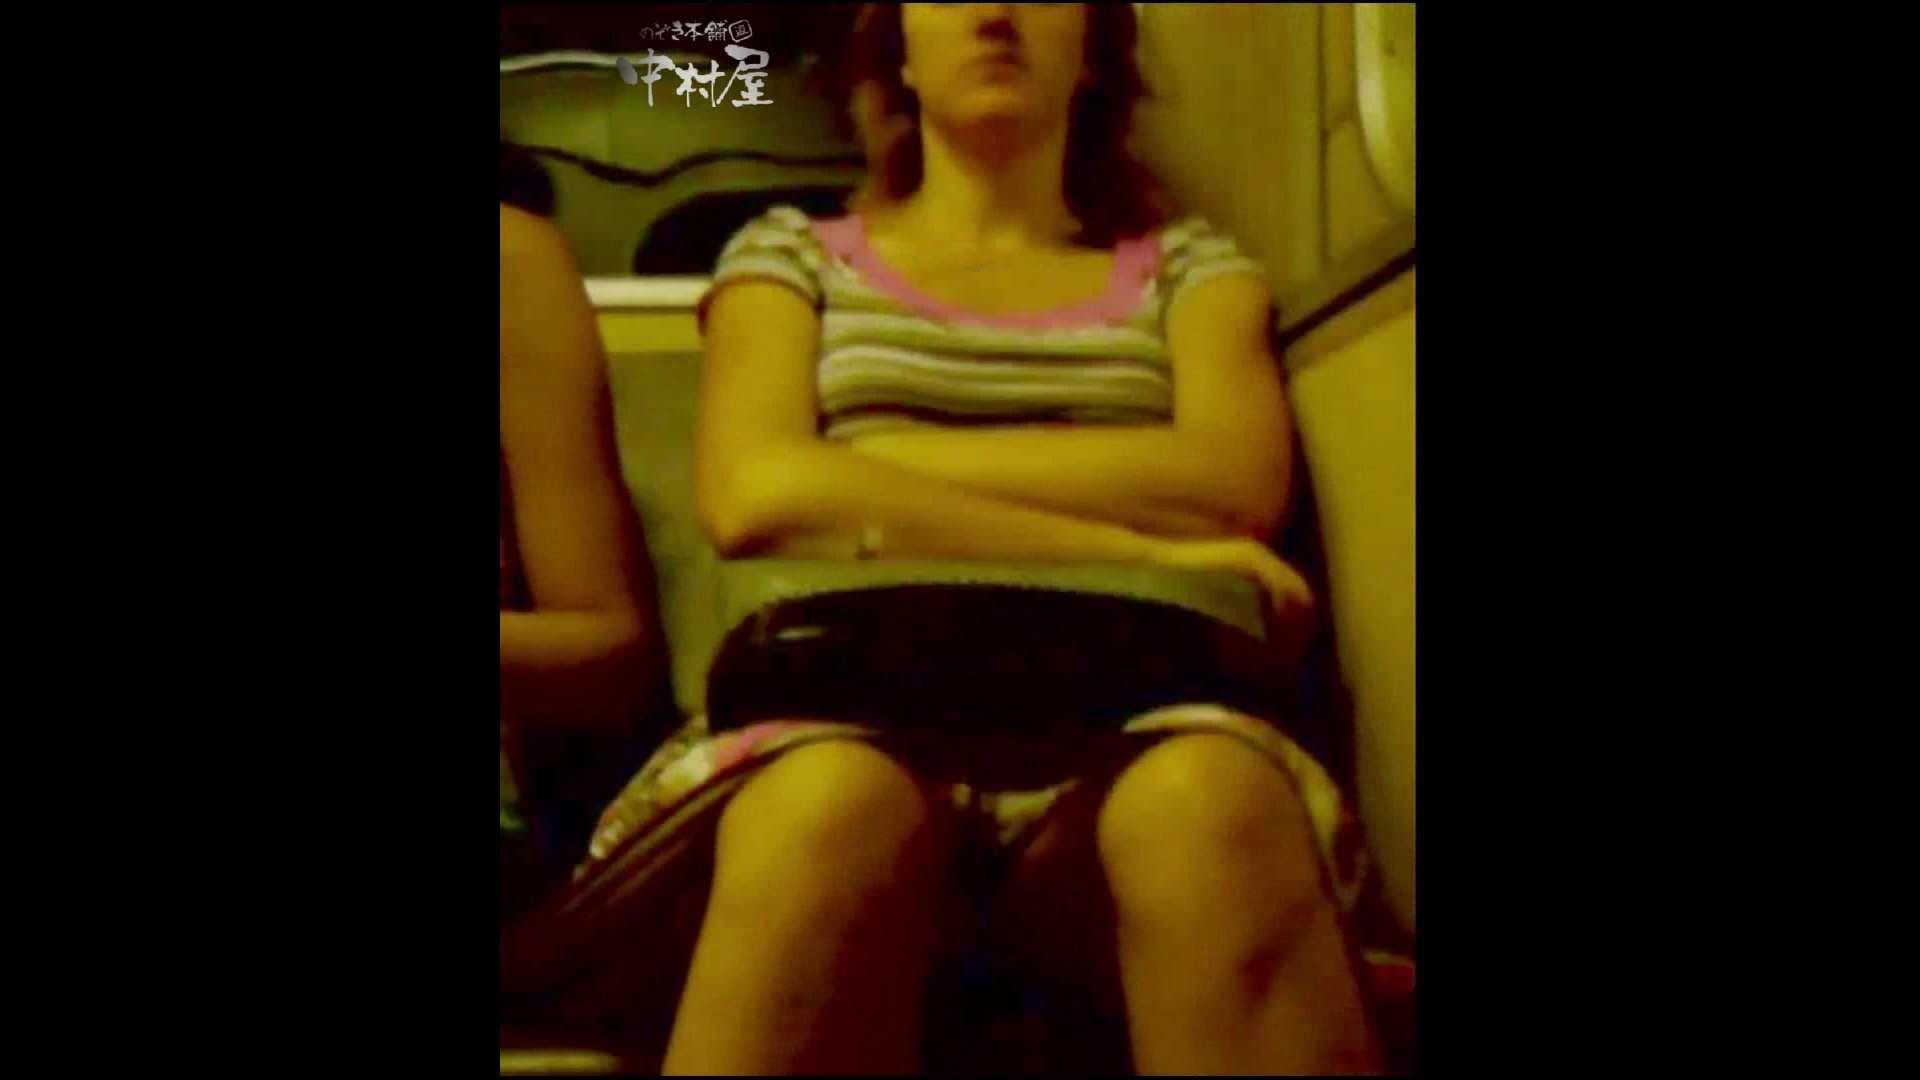 綺麗なモデルさんのスカート捲っちゃおう‼ vol28 お姉さんのエロ動画  111PIX 8